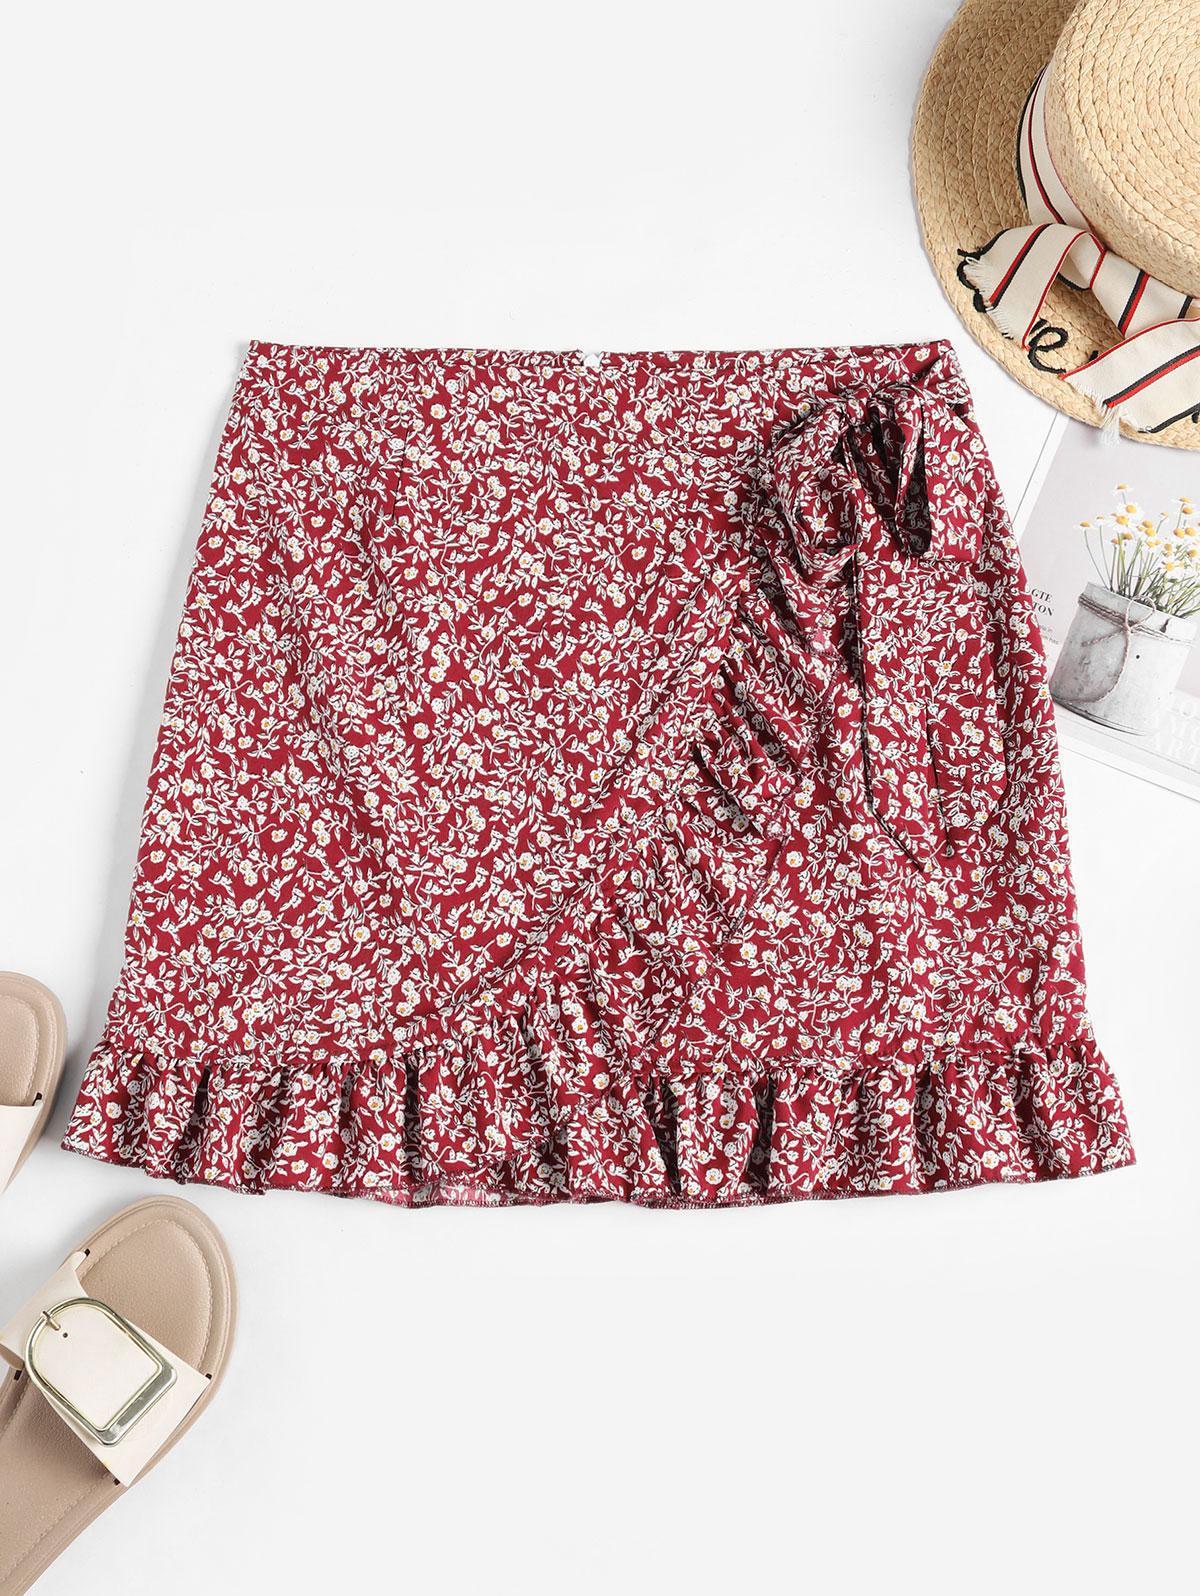 Tiny Floral Ruffles Overlap Skirt